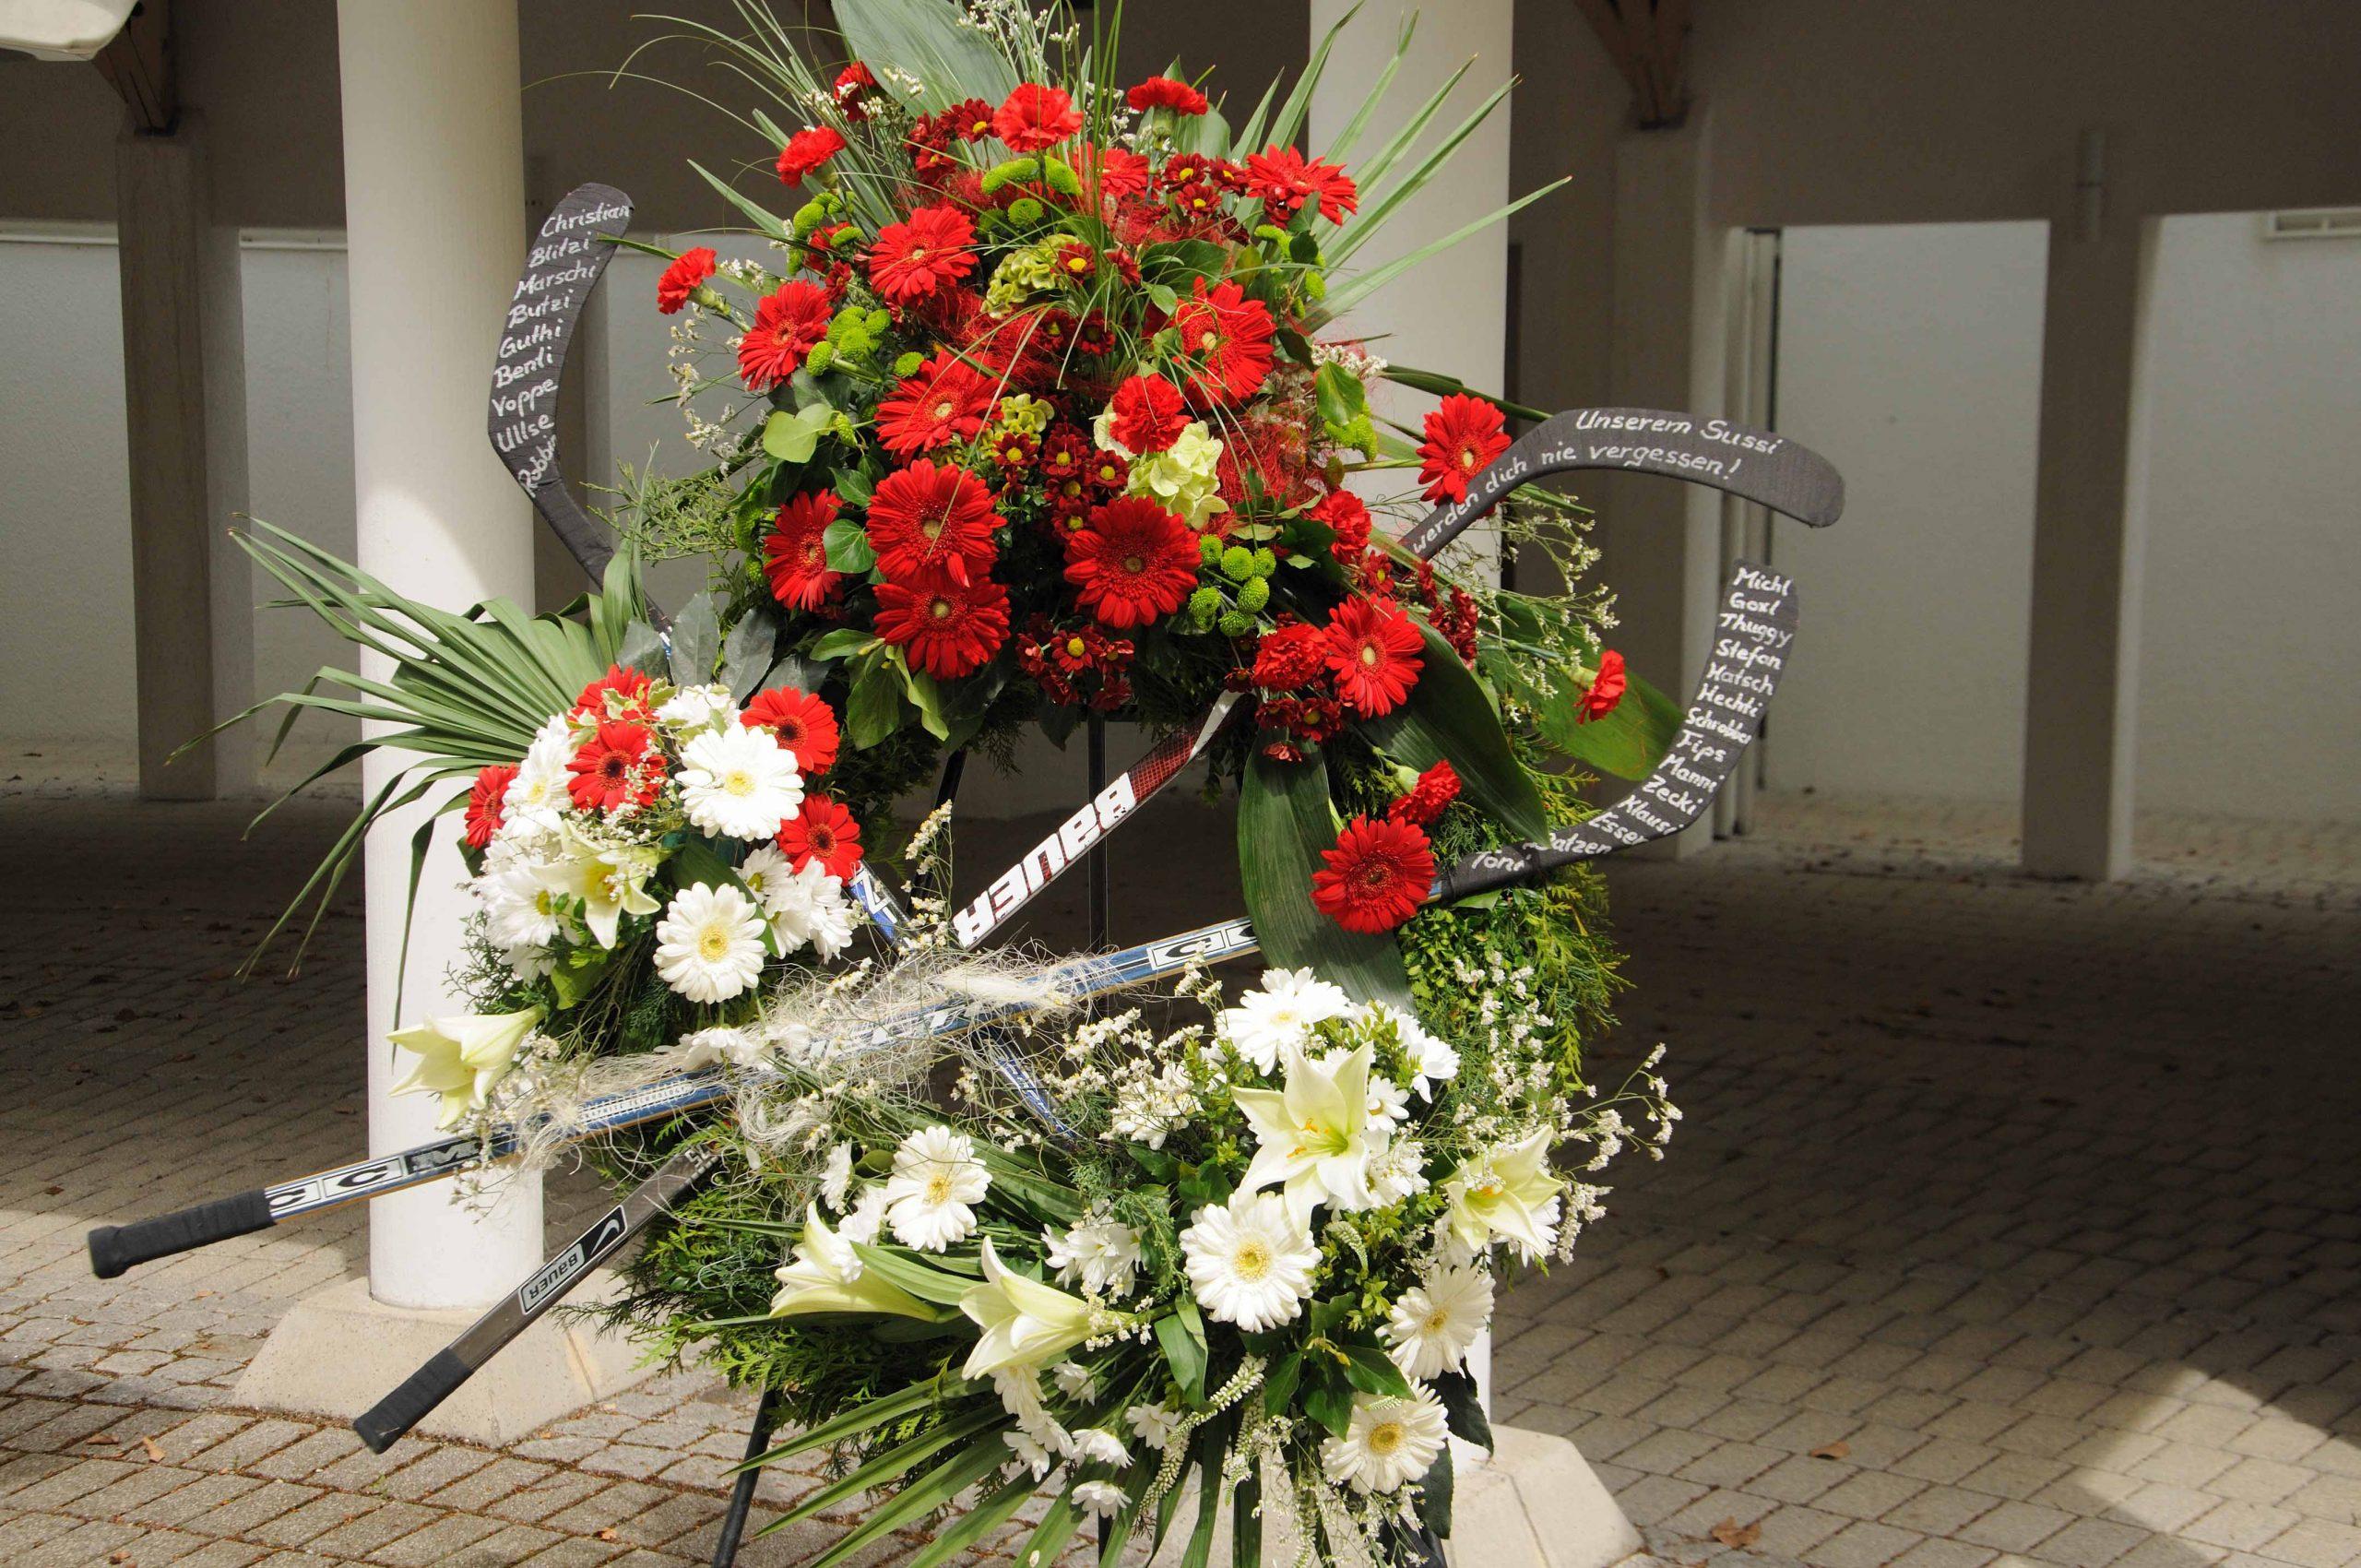 31 Trauerkranz mit Garnierung an drei Stellen rot-weiß